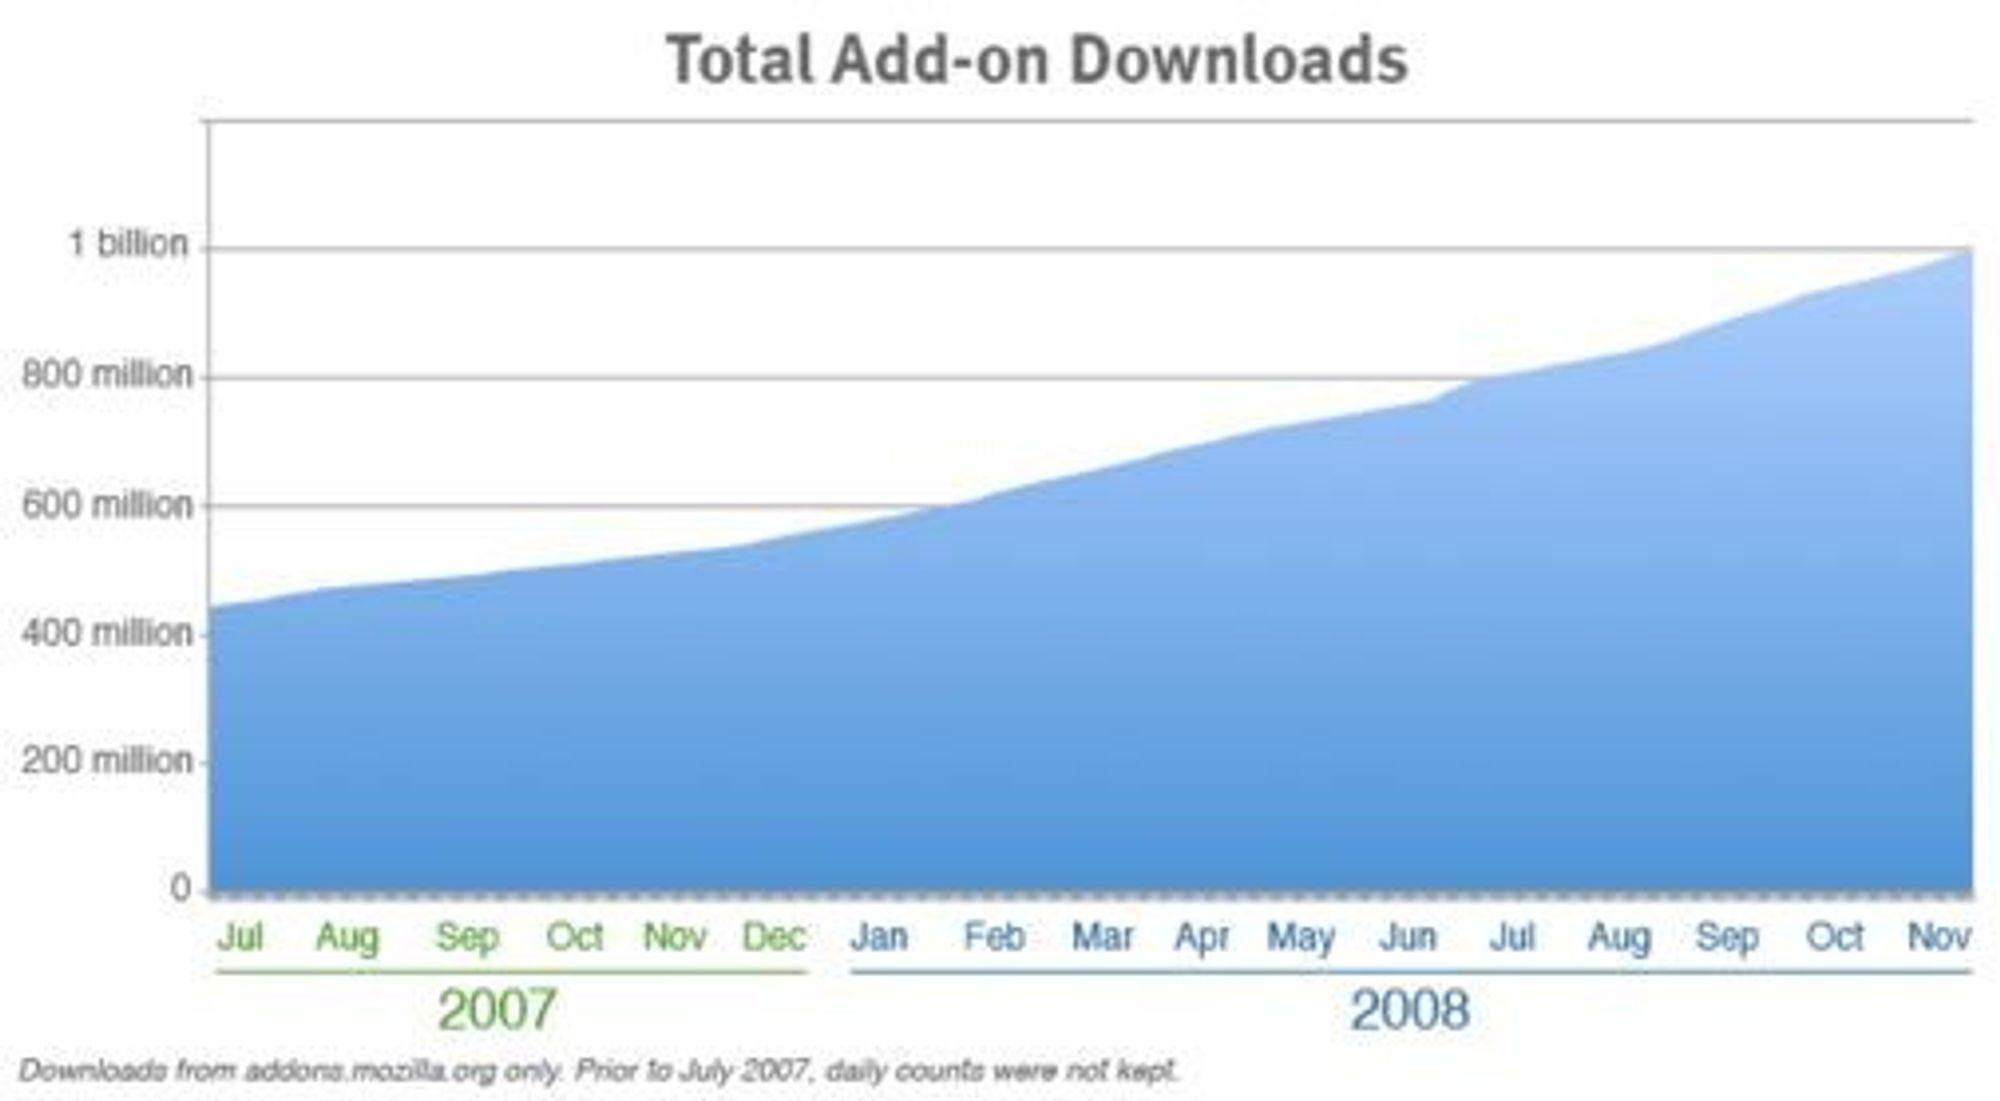 Antallet nedlastede tillegg til Firefox har fordoblet seg på et snaut år. (Kilde: Mozilla)